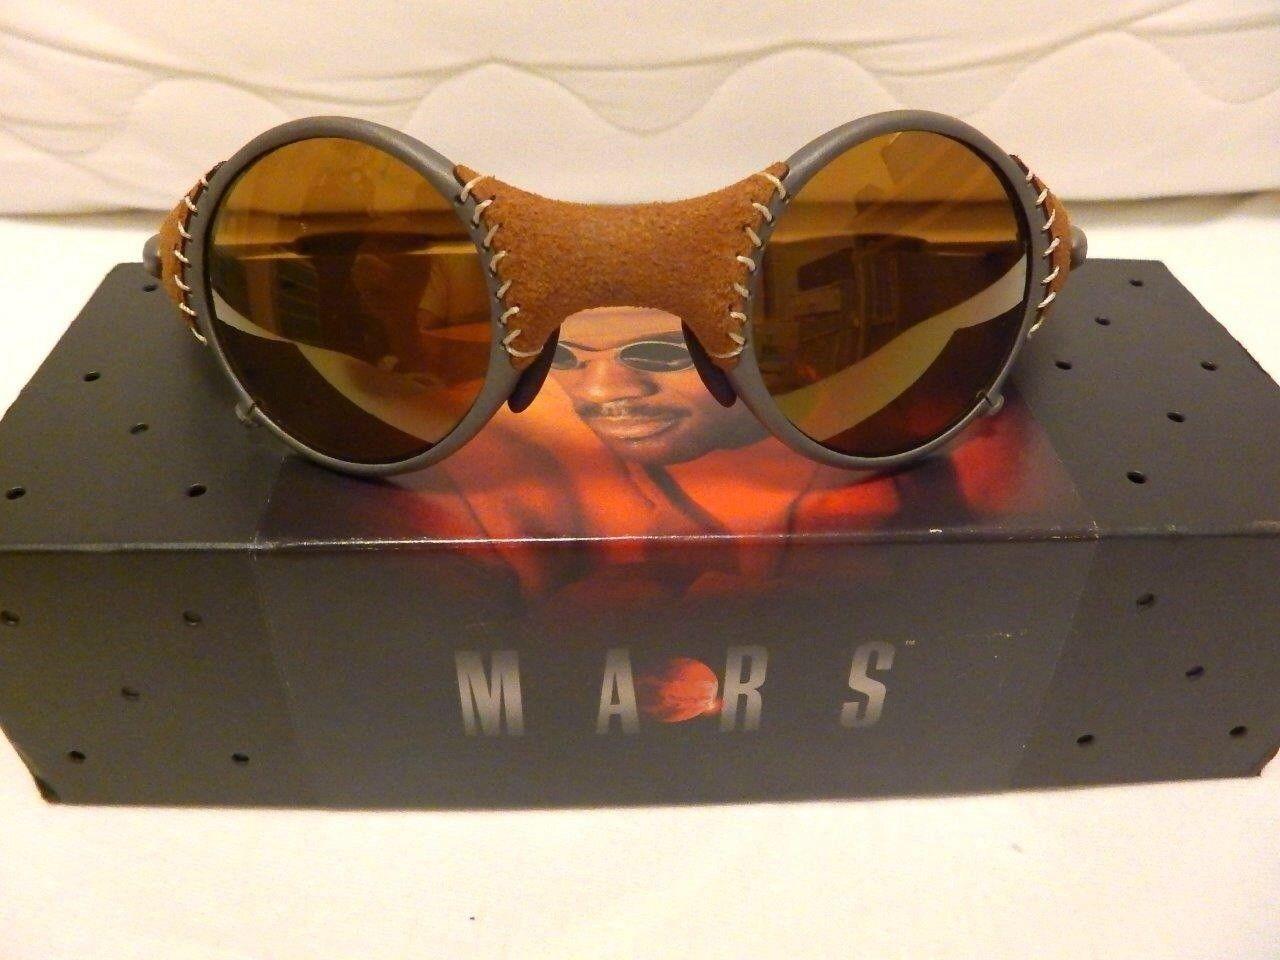 Mars Jordan Matching LNIB - image.jpg